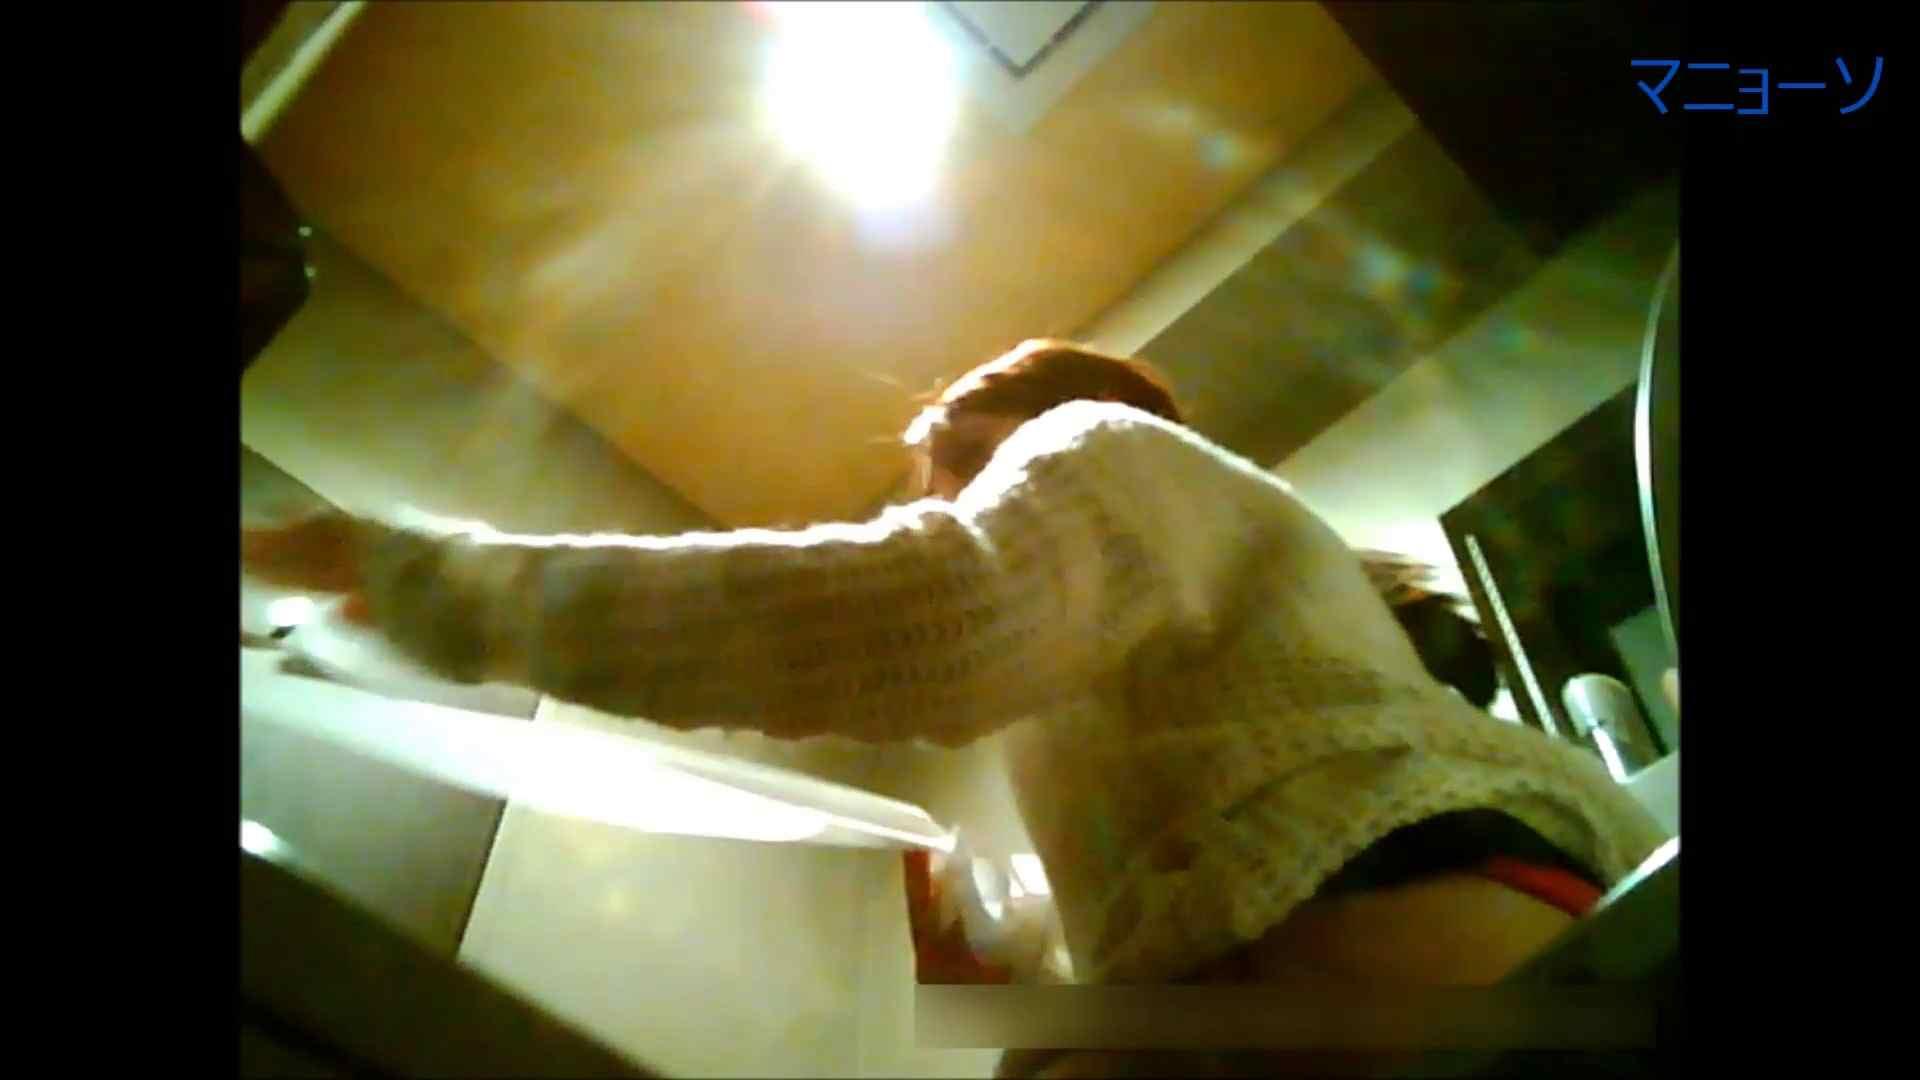 トイレでひと肌脱いでもらいました (JD編)Vol.02 トイレ | OLの実態  80pic 11